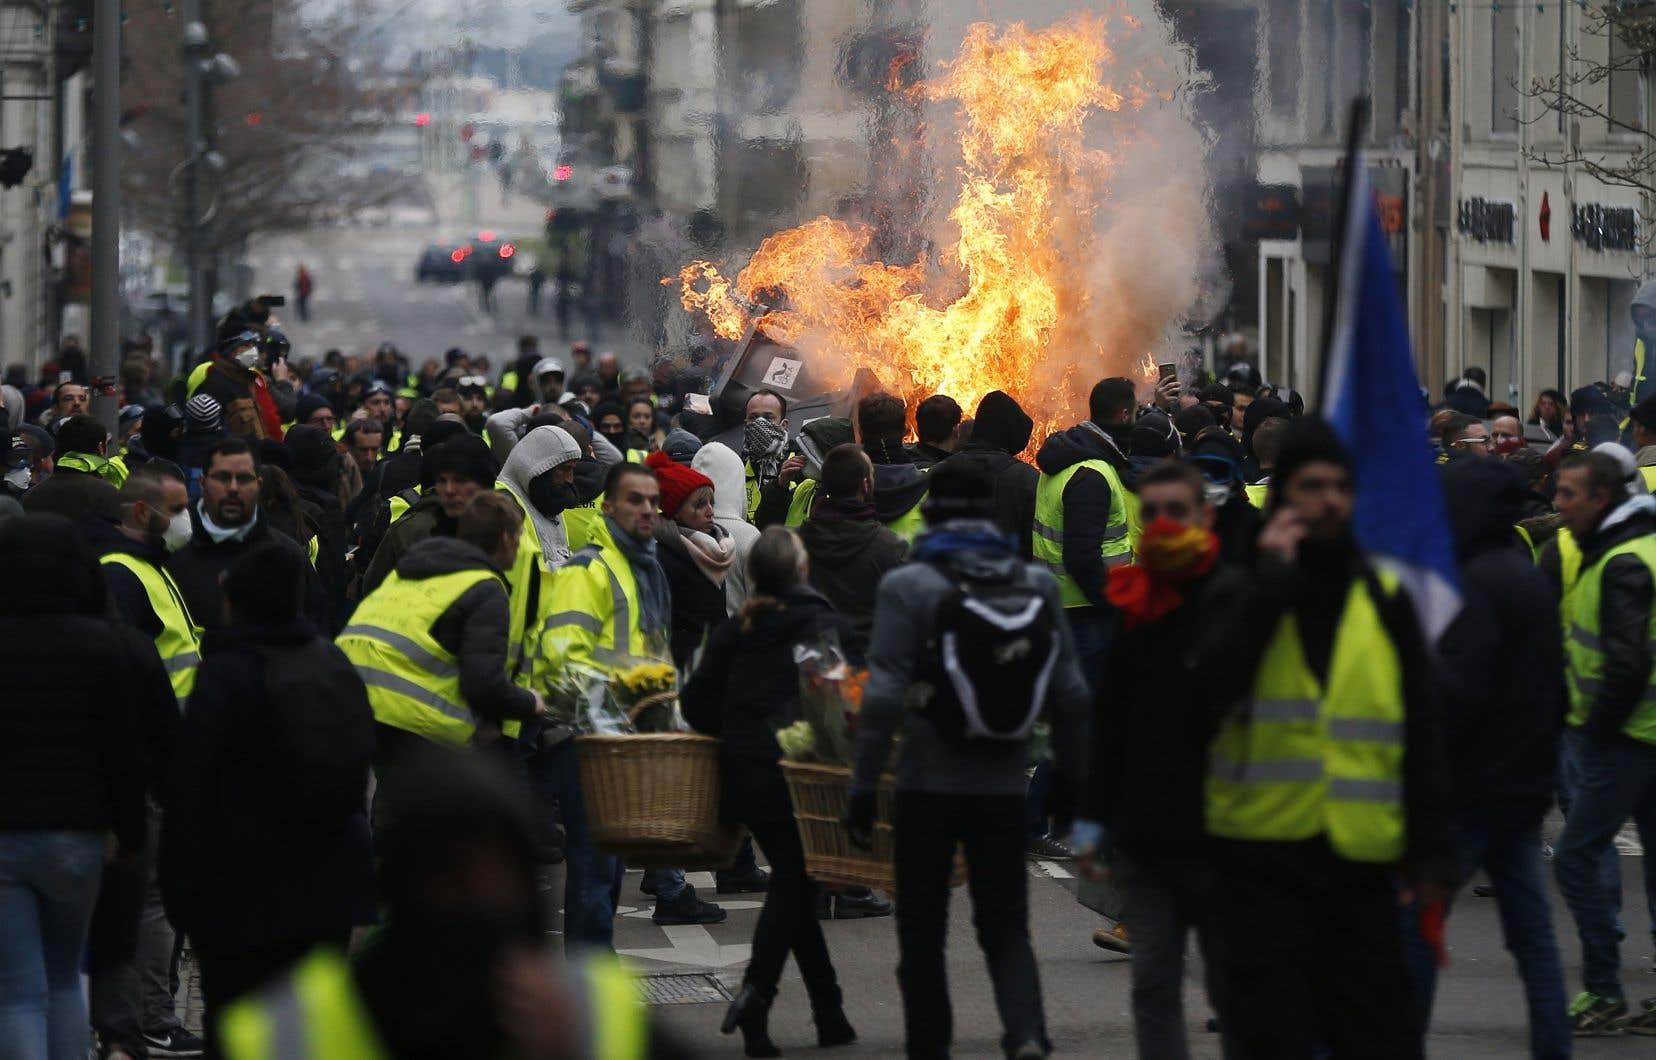 À Rouen, où entre 1000 et 2000 personnes défilaient,deux barricades constituées de matériel de chantier et de poubelles ont été érigées sur l'artère principale de la ville et l'une d'elle était en feu.